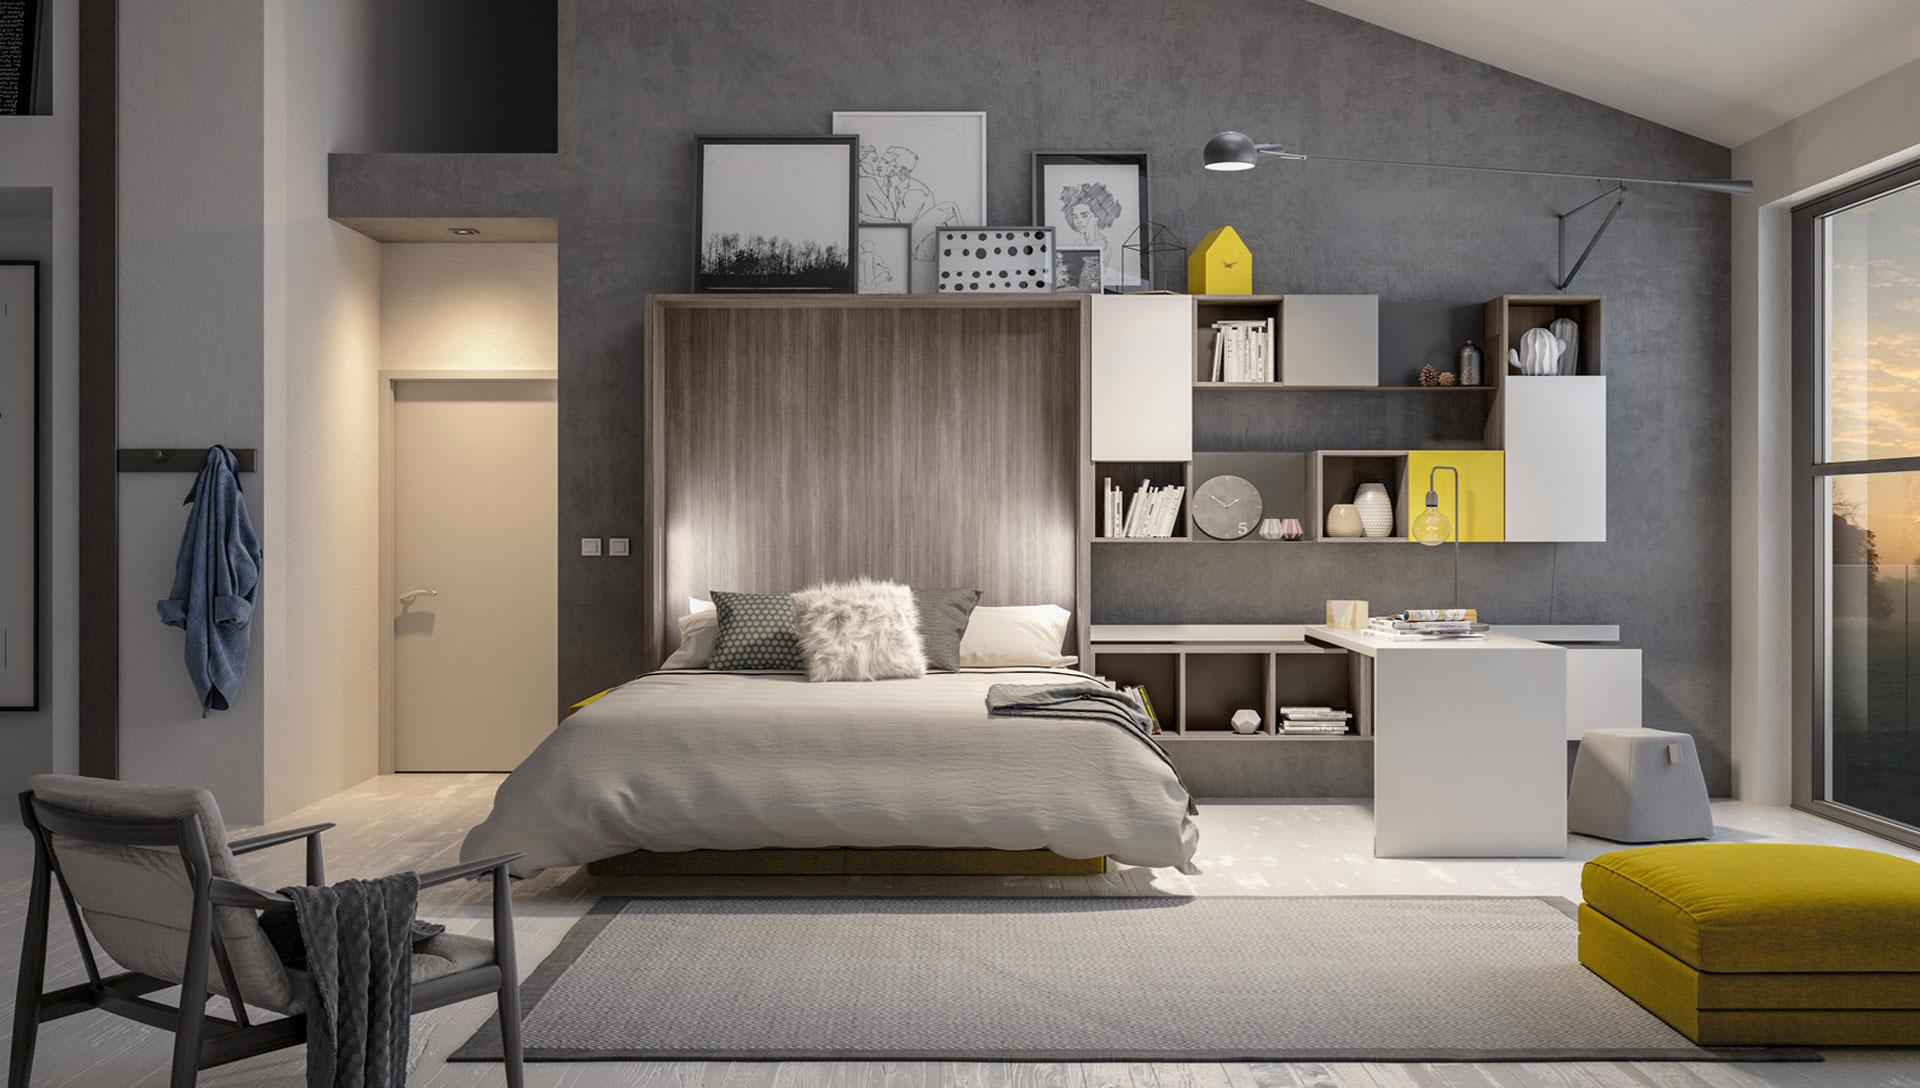 zona-notte-tumidei-comodus-arredamenti-nicoletti-interni-interior-design-divani-complementi-arredo-mobili-design-accessori-matera